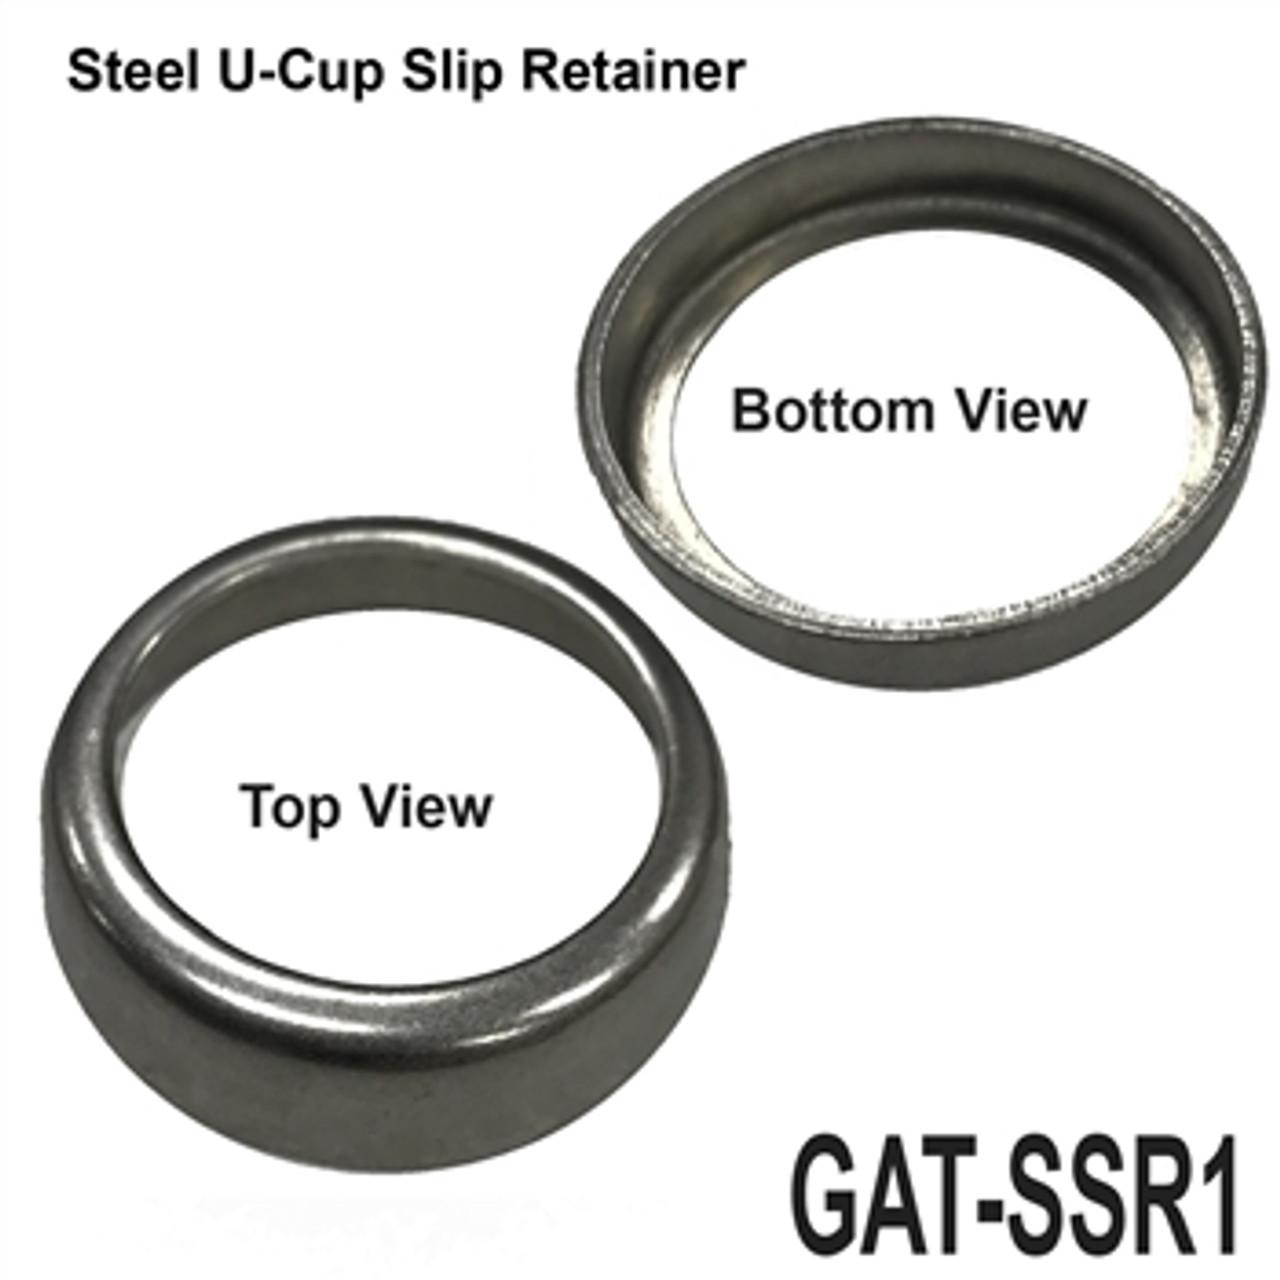 Steel U-Cup- Steel Slip Retainer - For Power Team Rams